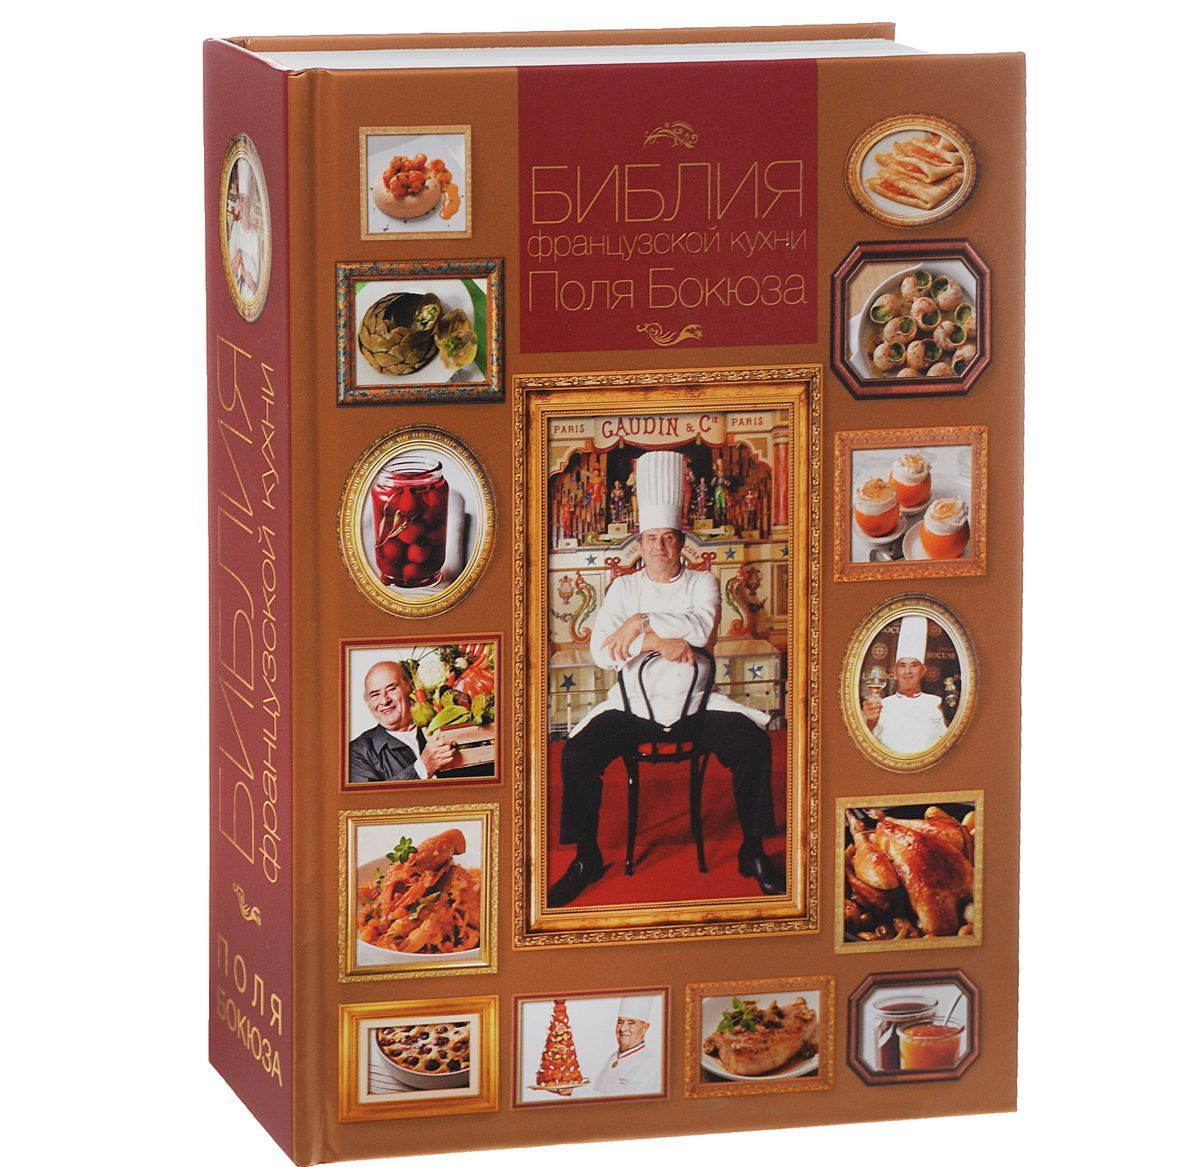 Онлайн каталог PROMENU: Книга «Библия французской кухни Поля Бокюза» Books Books BK01